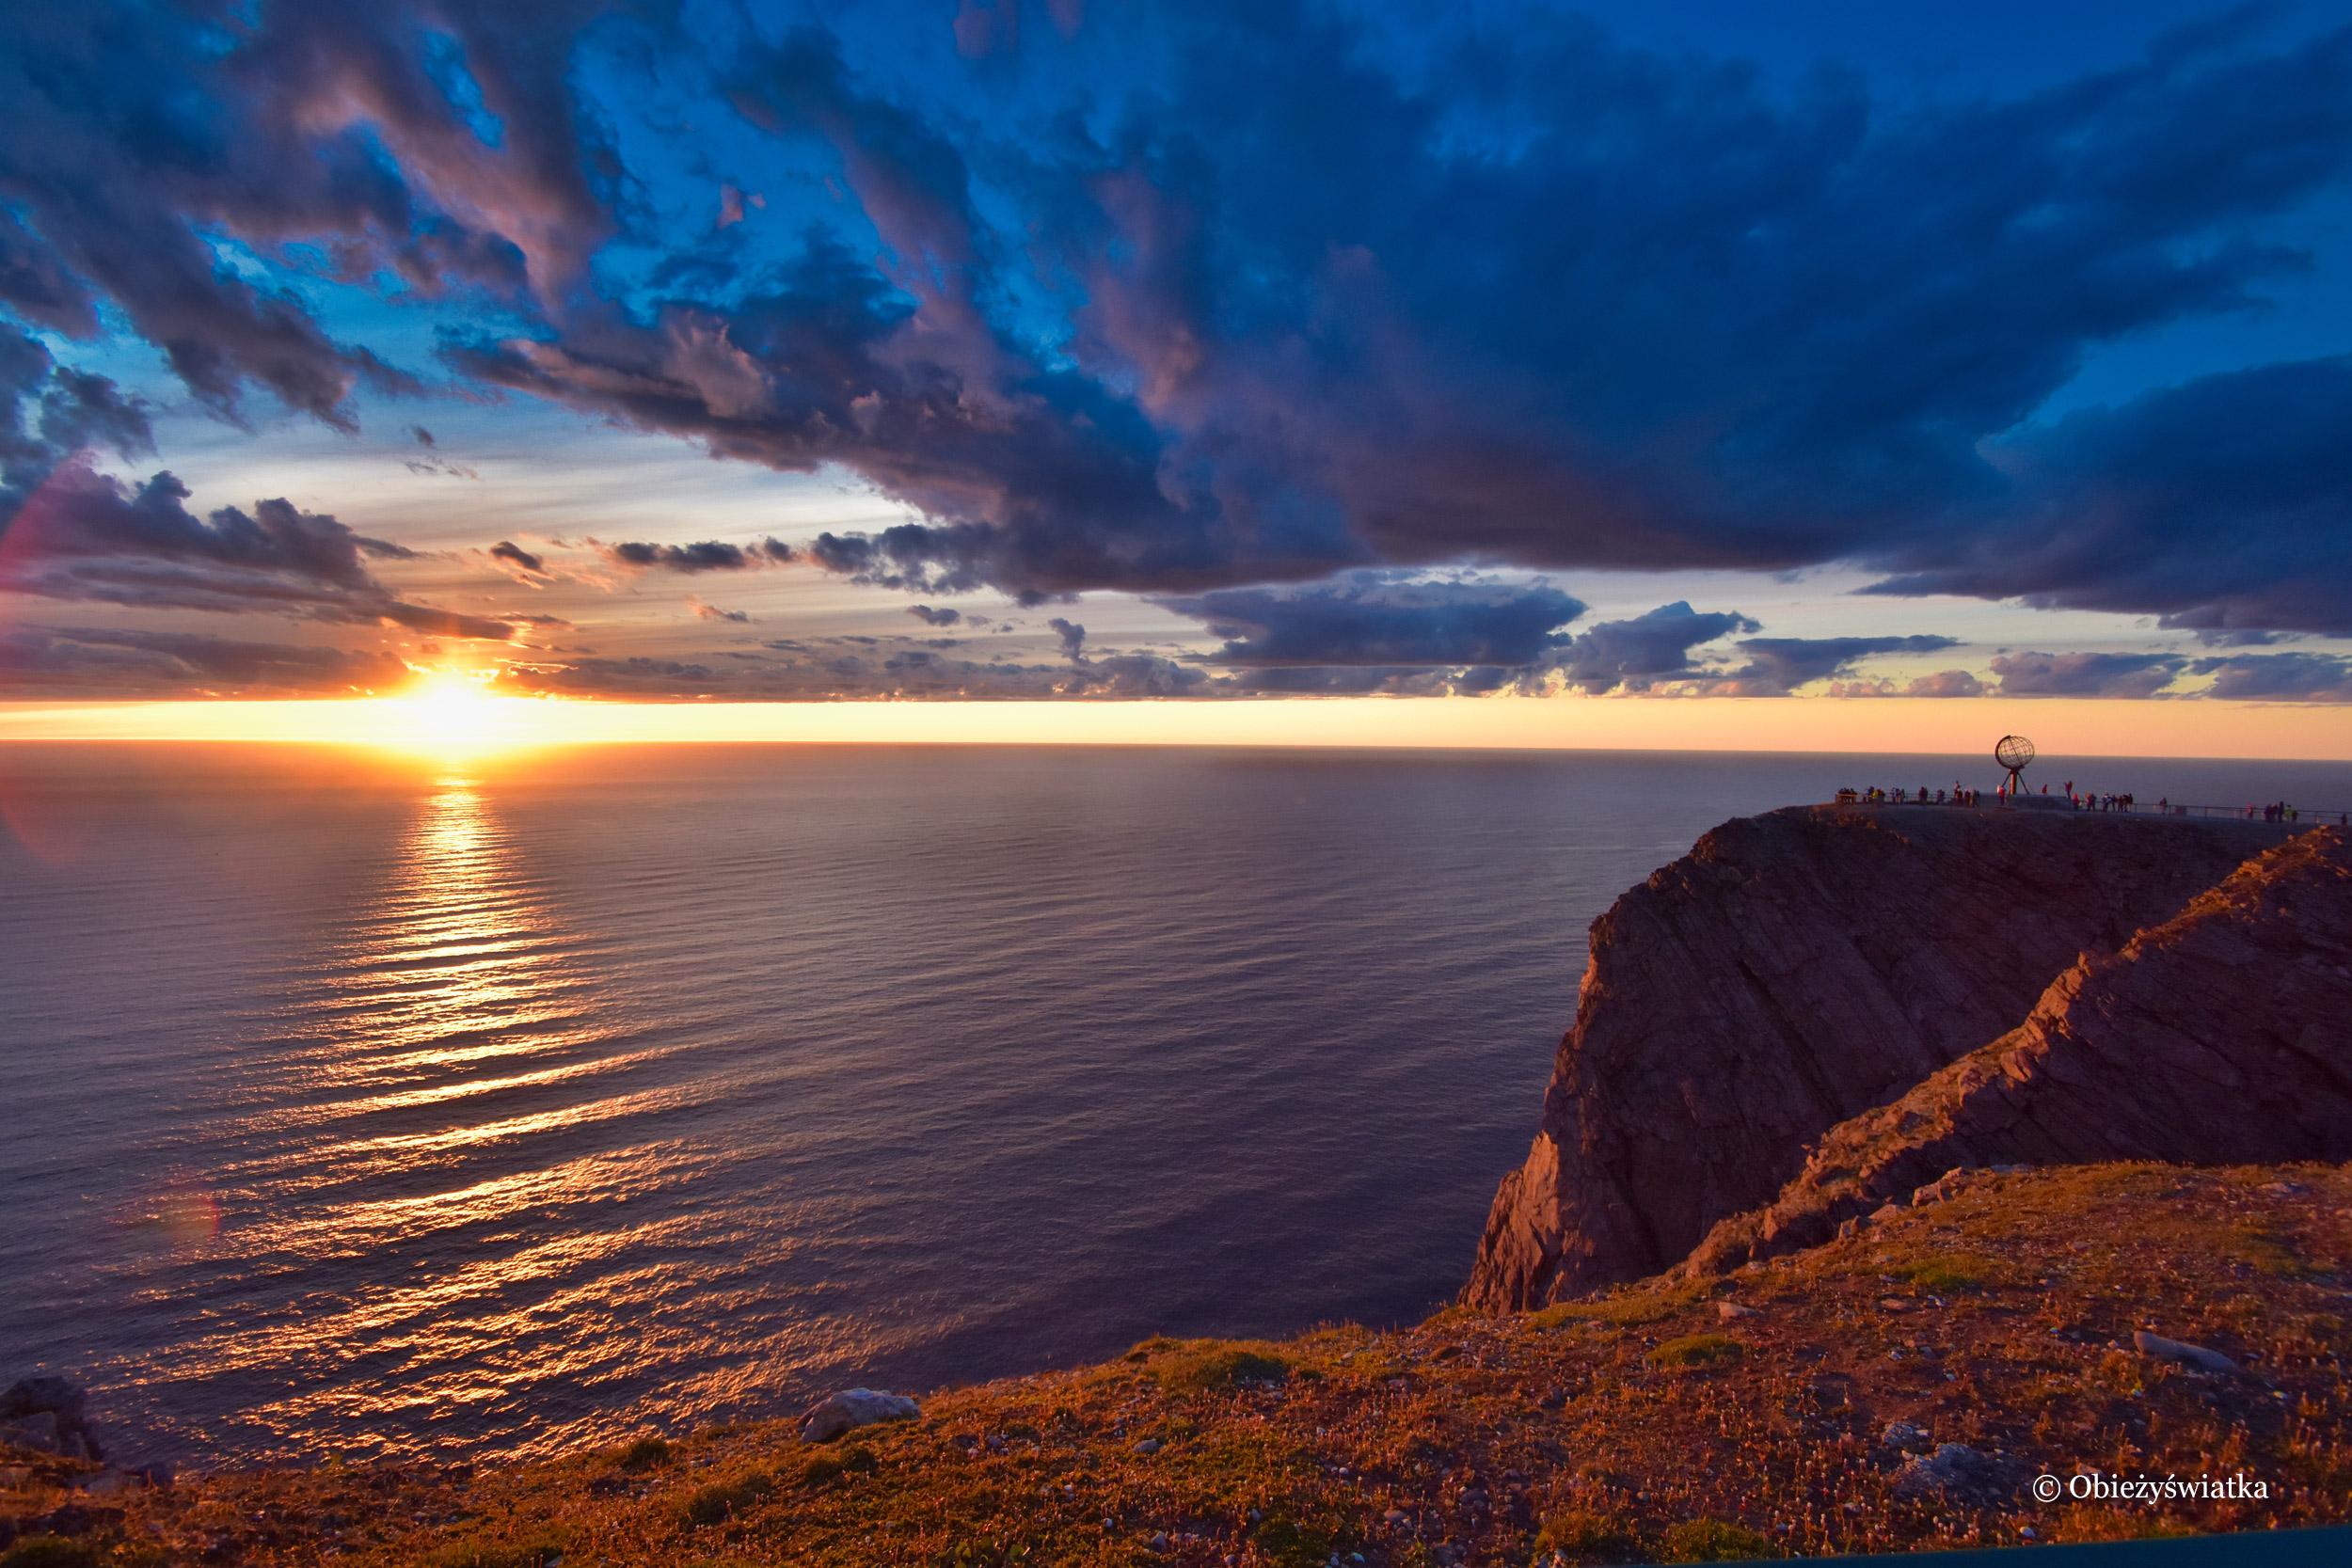 W promieniach zachodzącego słońca, Nordkapp, Przylądek Północny, Norwegia